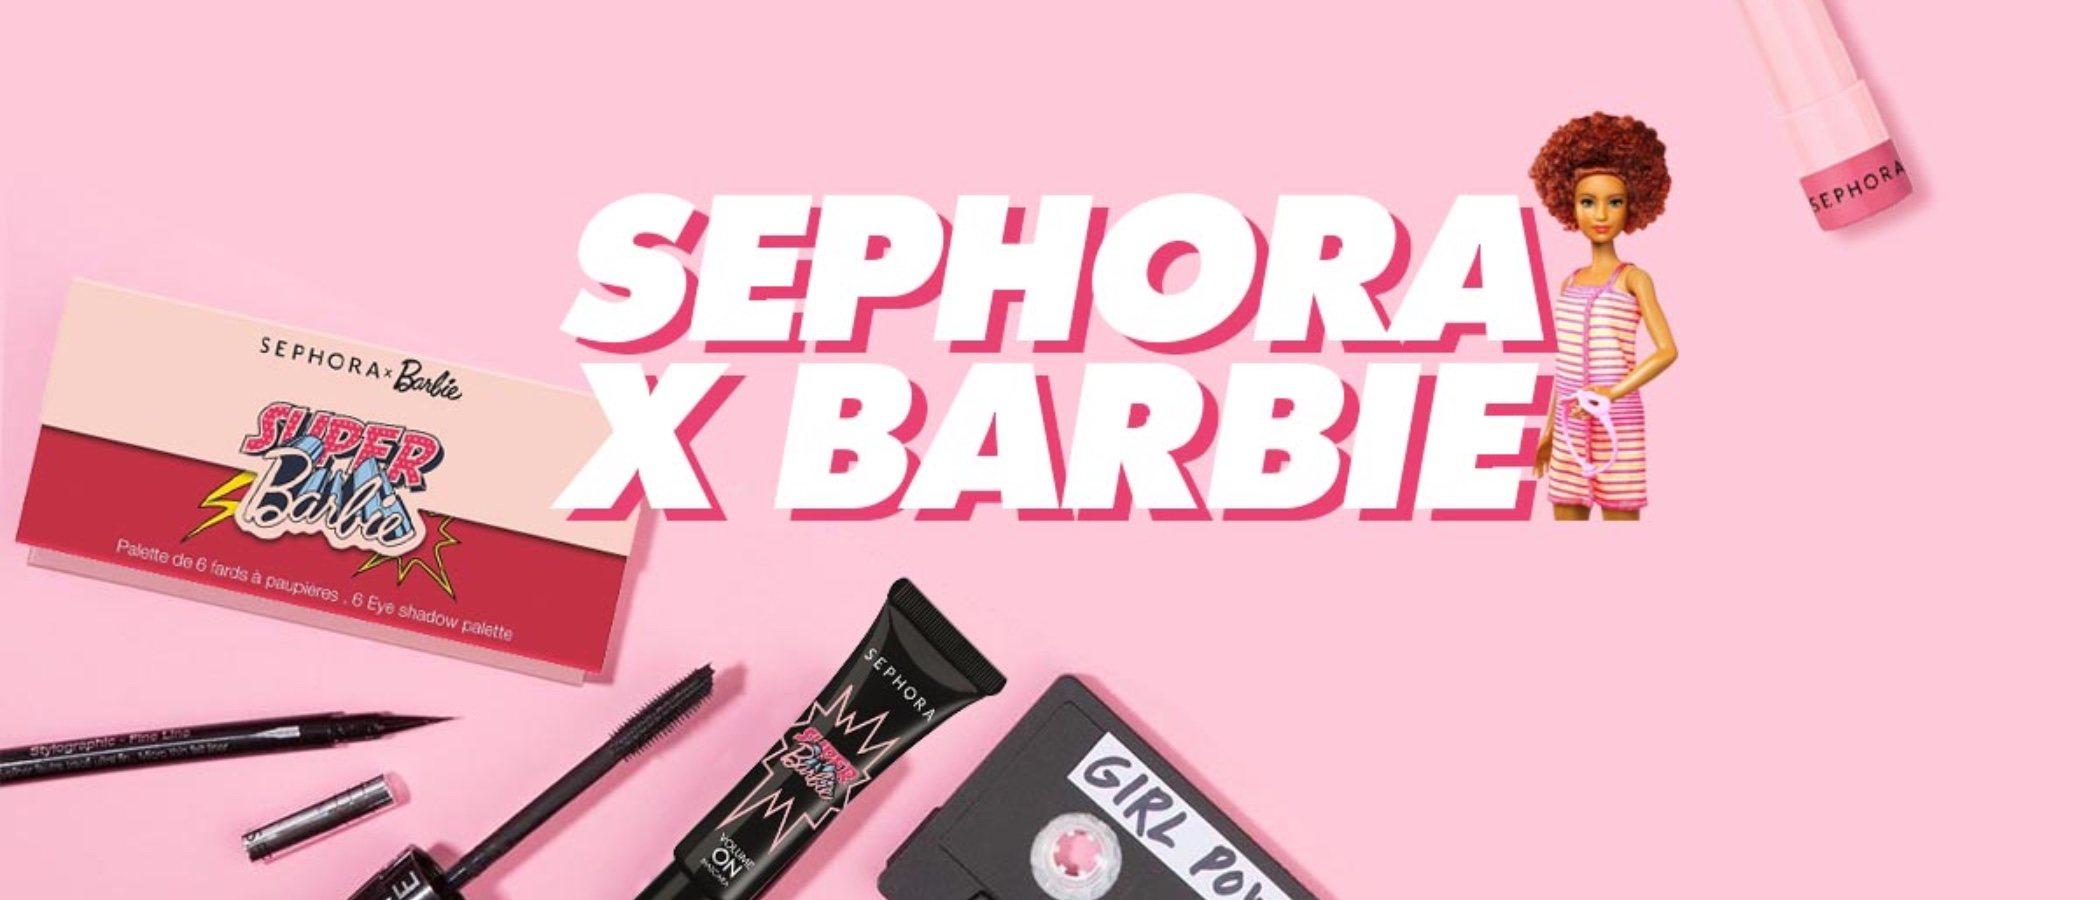 Sephora celebra el 60 cumpleaños de Barbie con una colección completísima